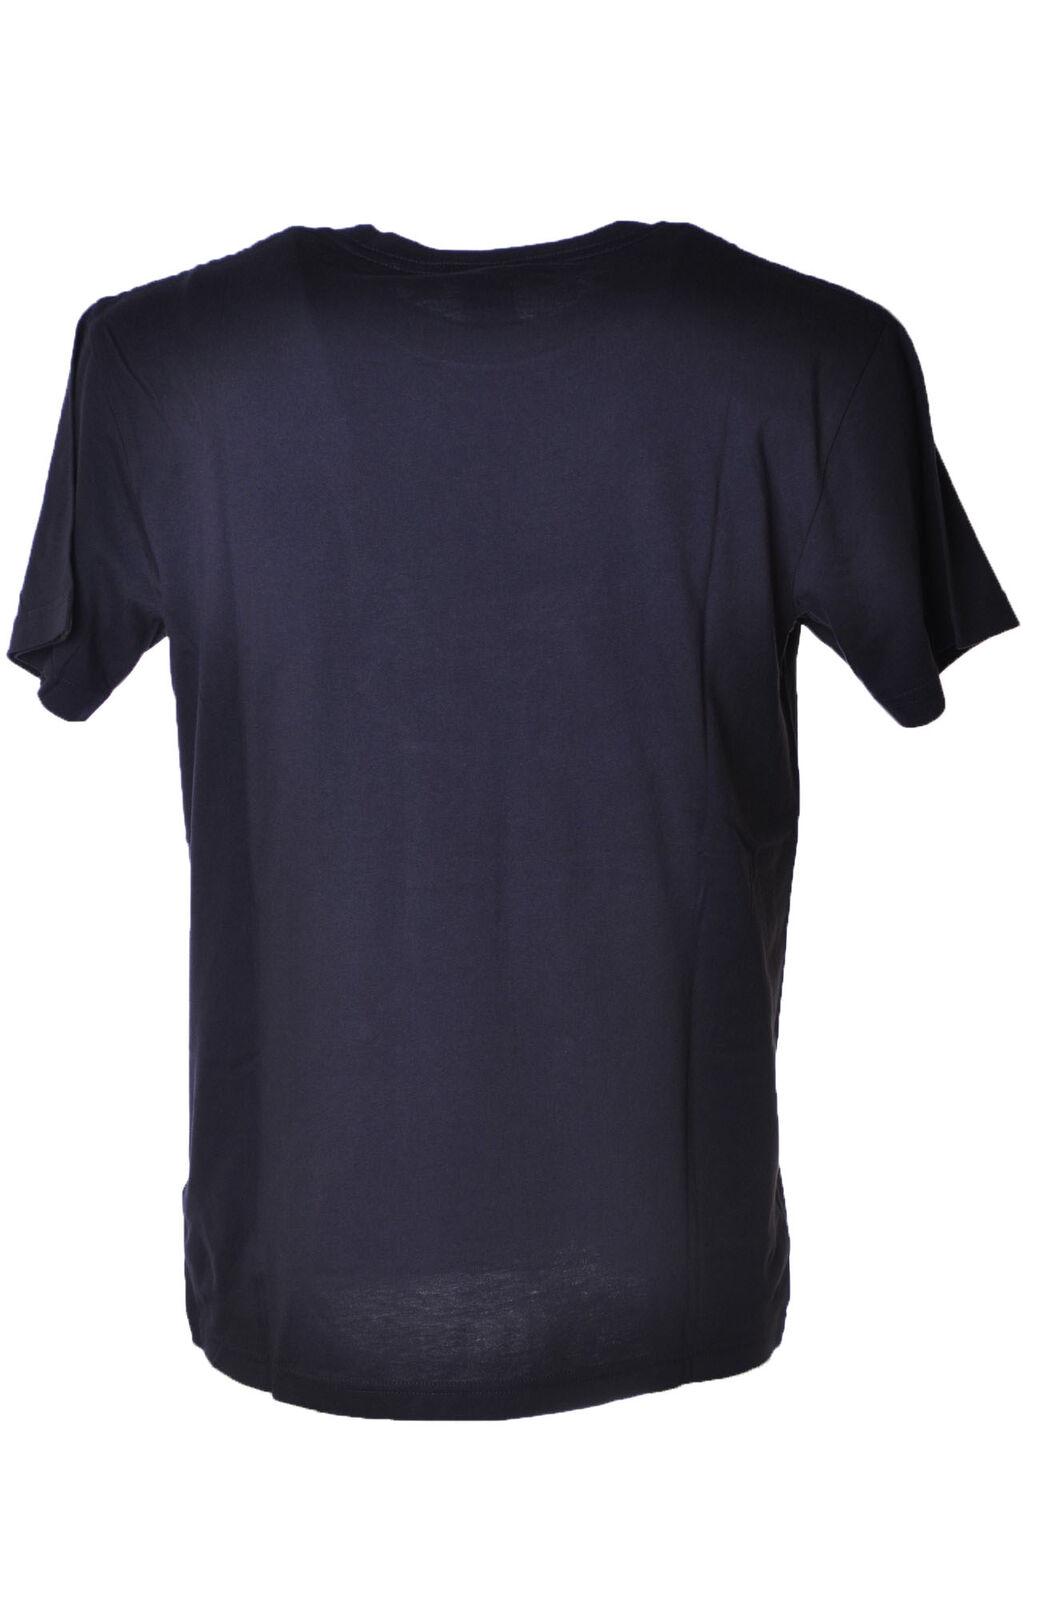 Deus - - - Topwear-T-shirts - Uomo - Blu - 4398402C184115 71d309